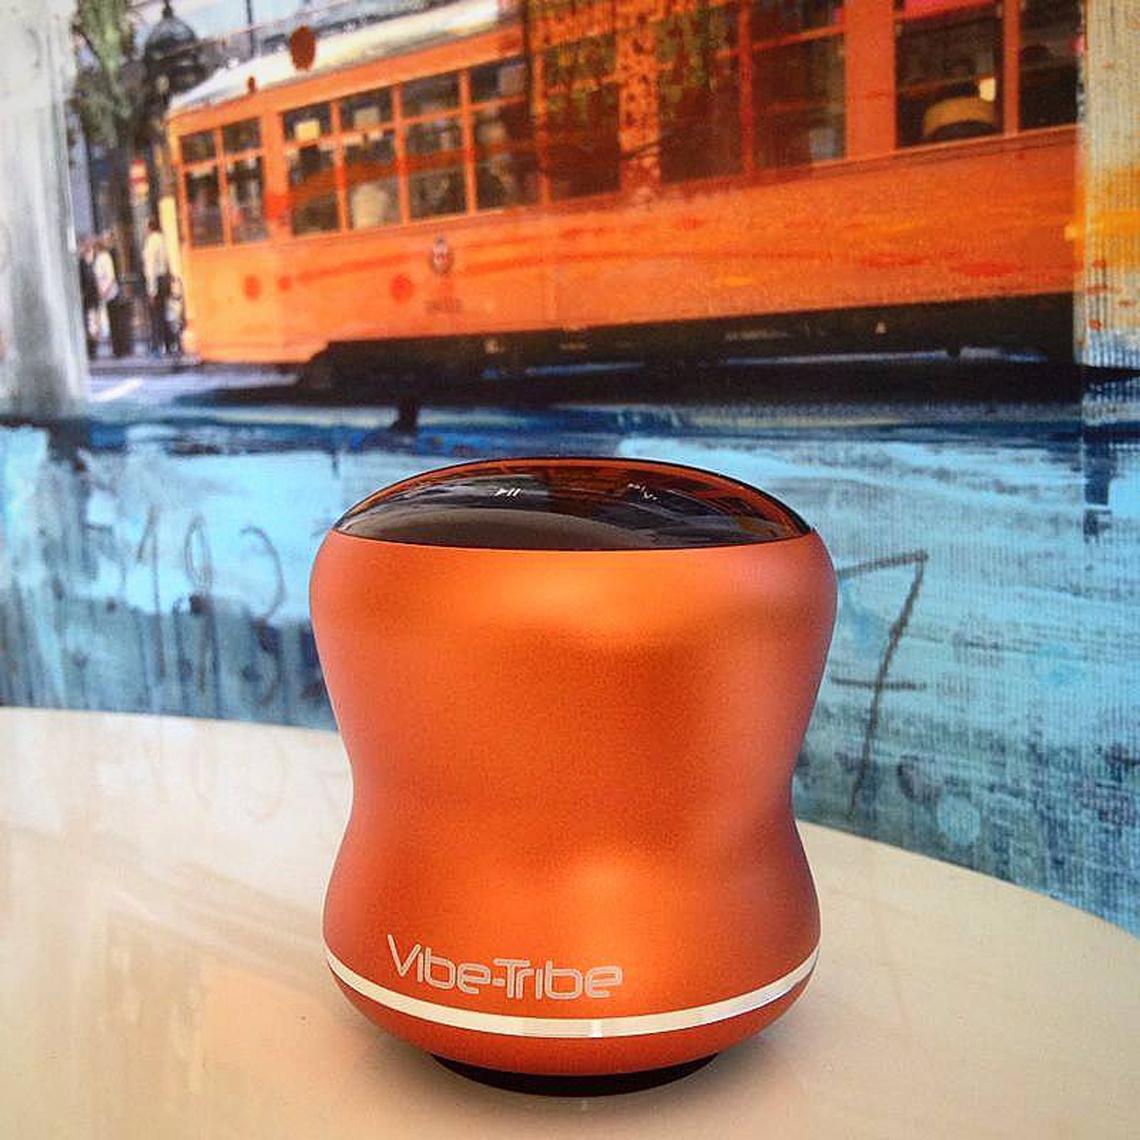 Mamba, world's most powerful vibration speaker | LifeGate